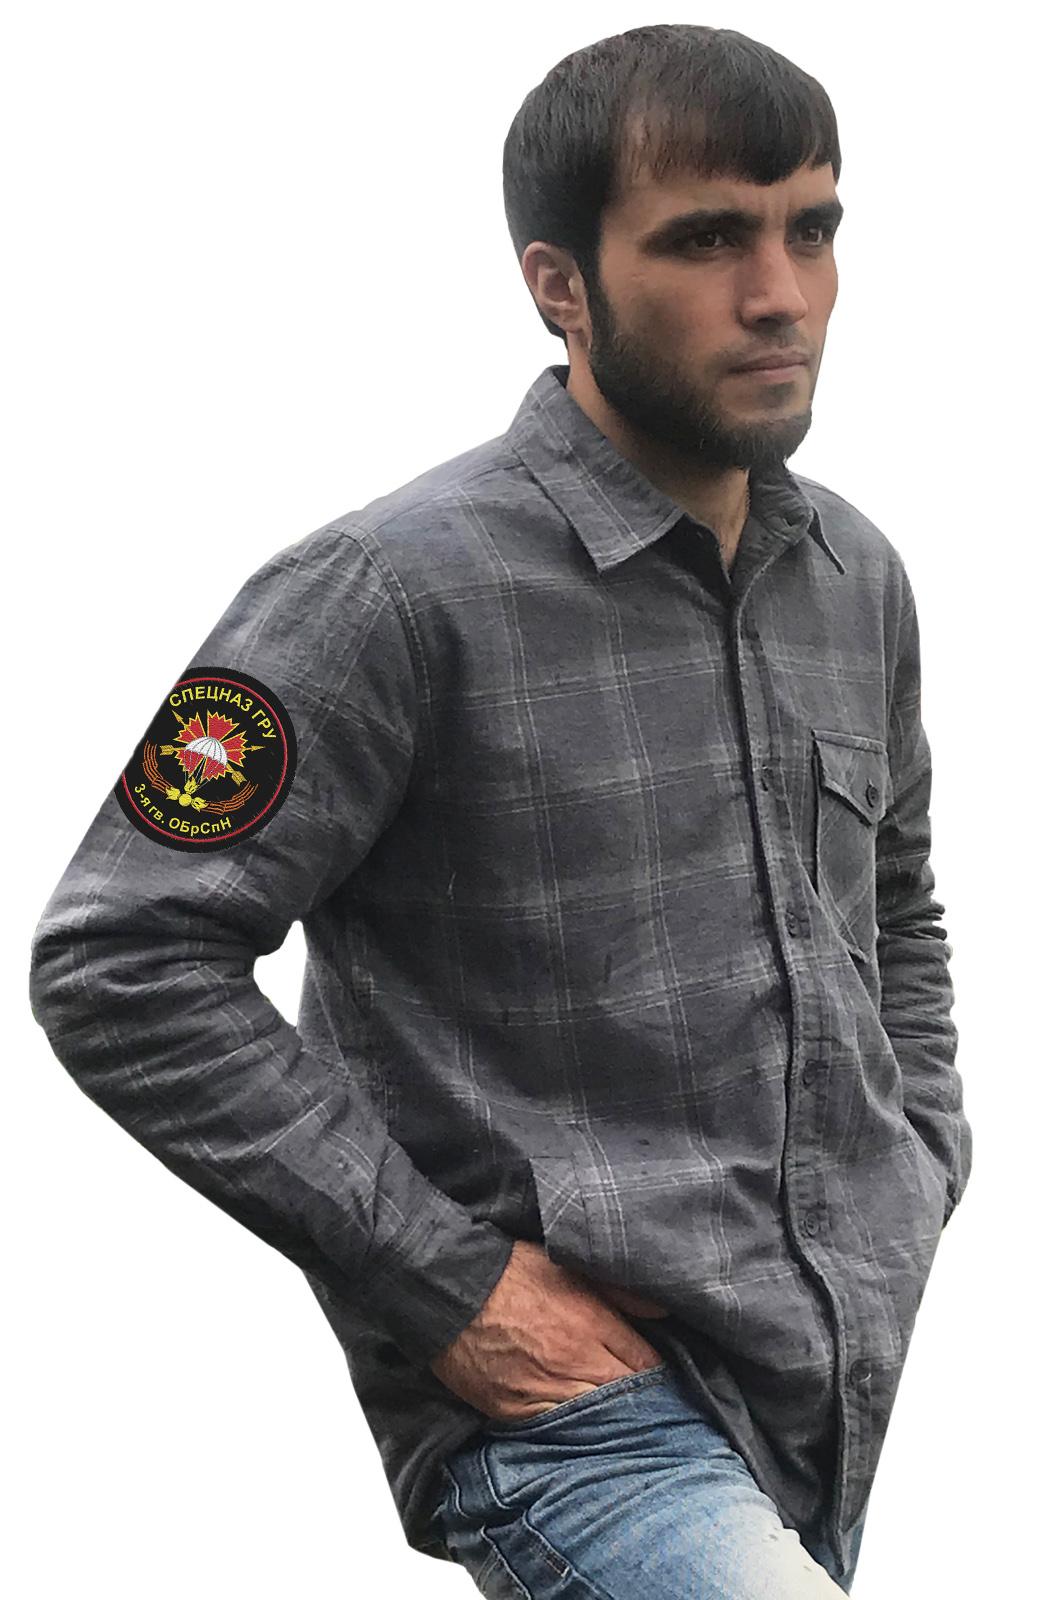 Рубашка серая с нашивкой 3-я ОБрСпН ГРУ